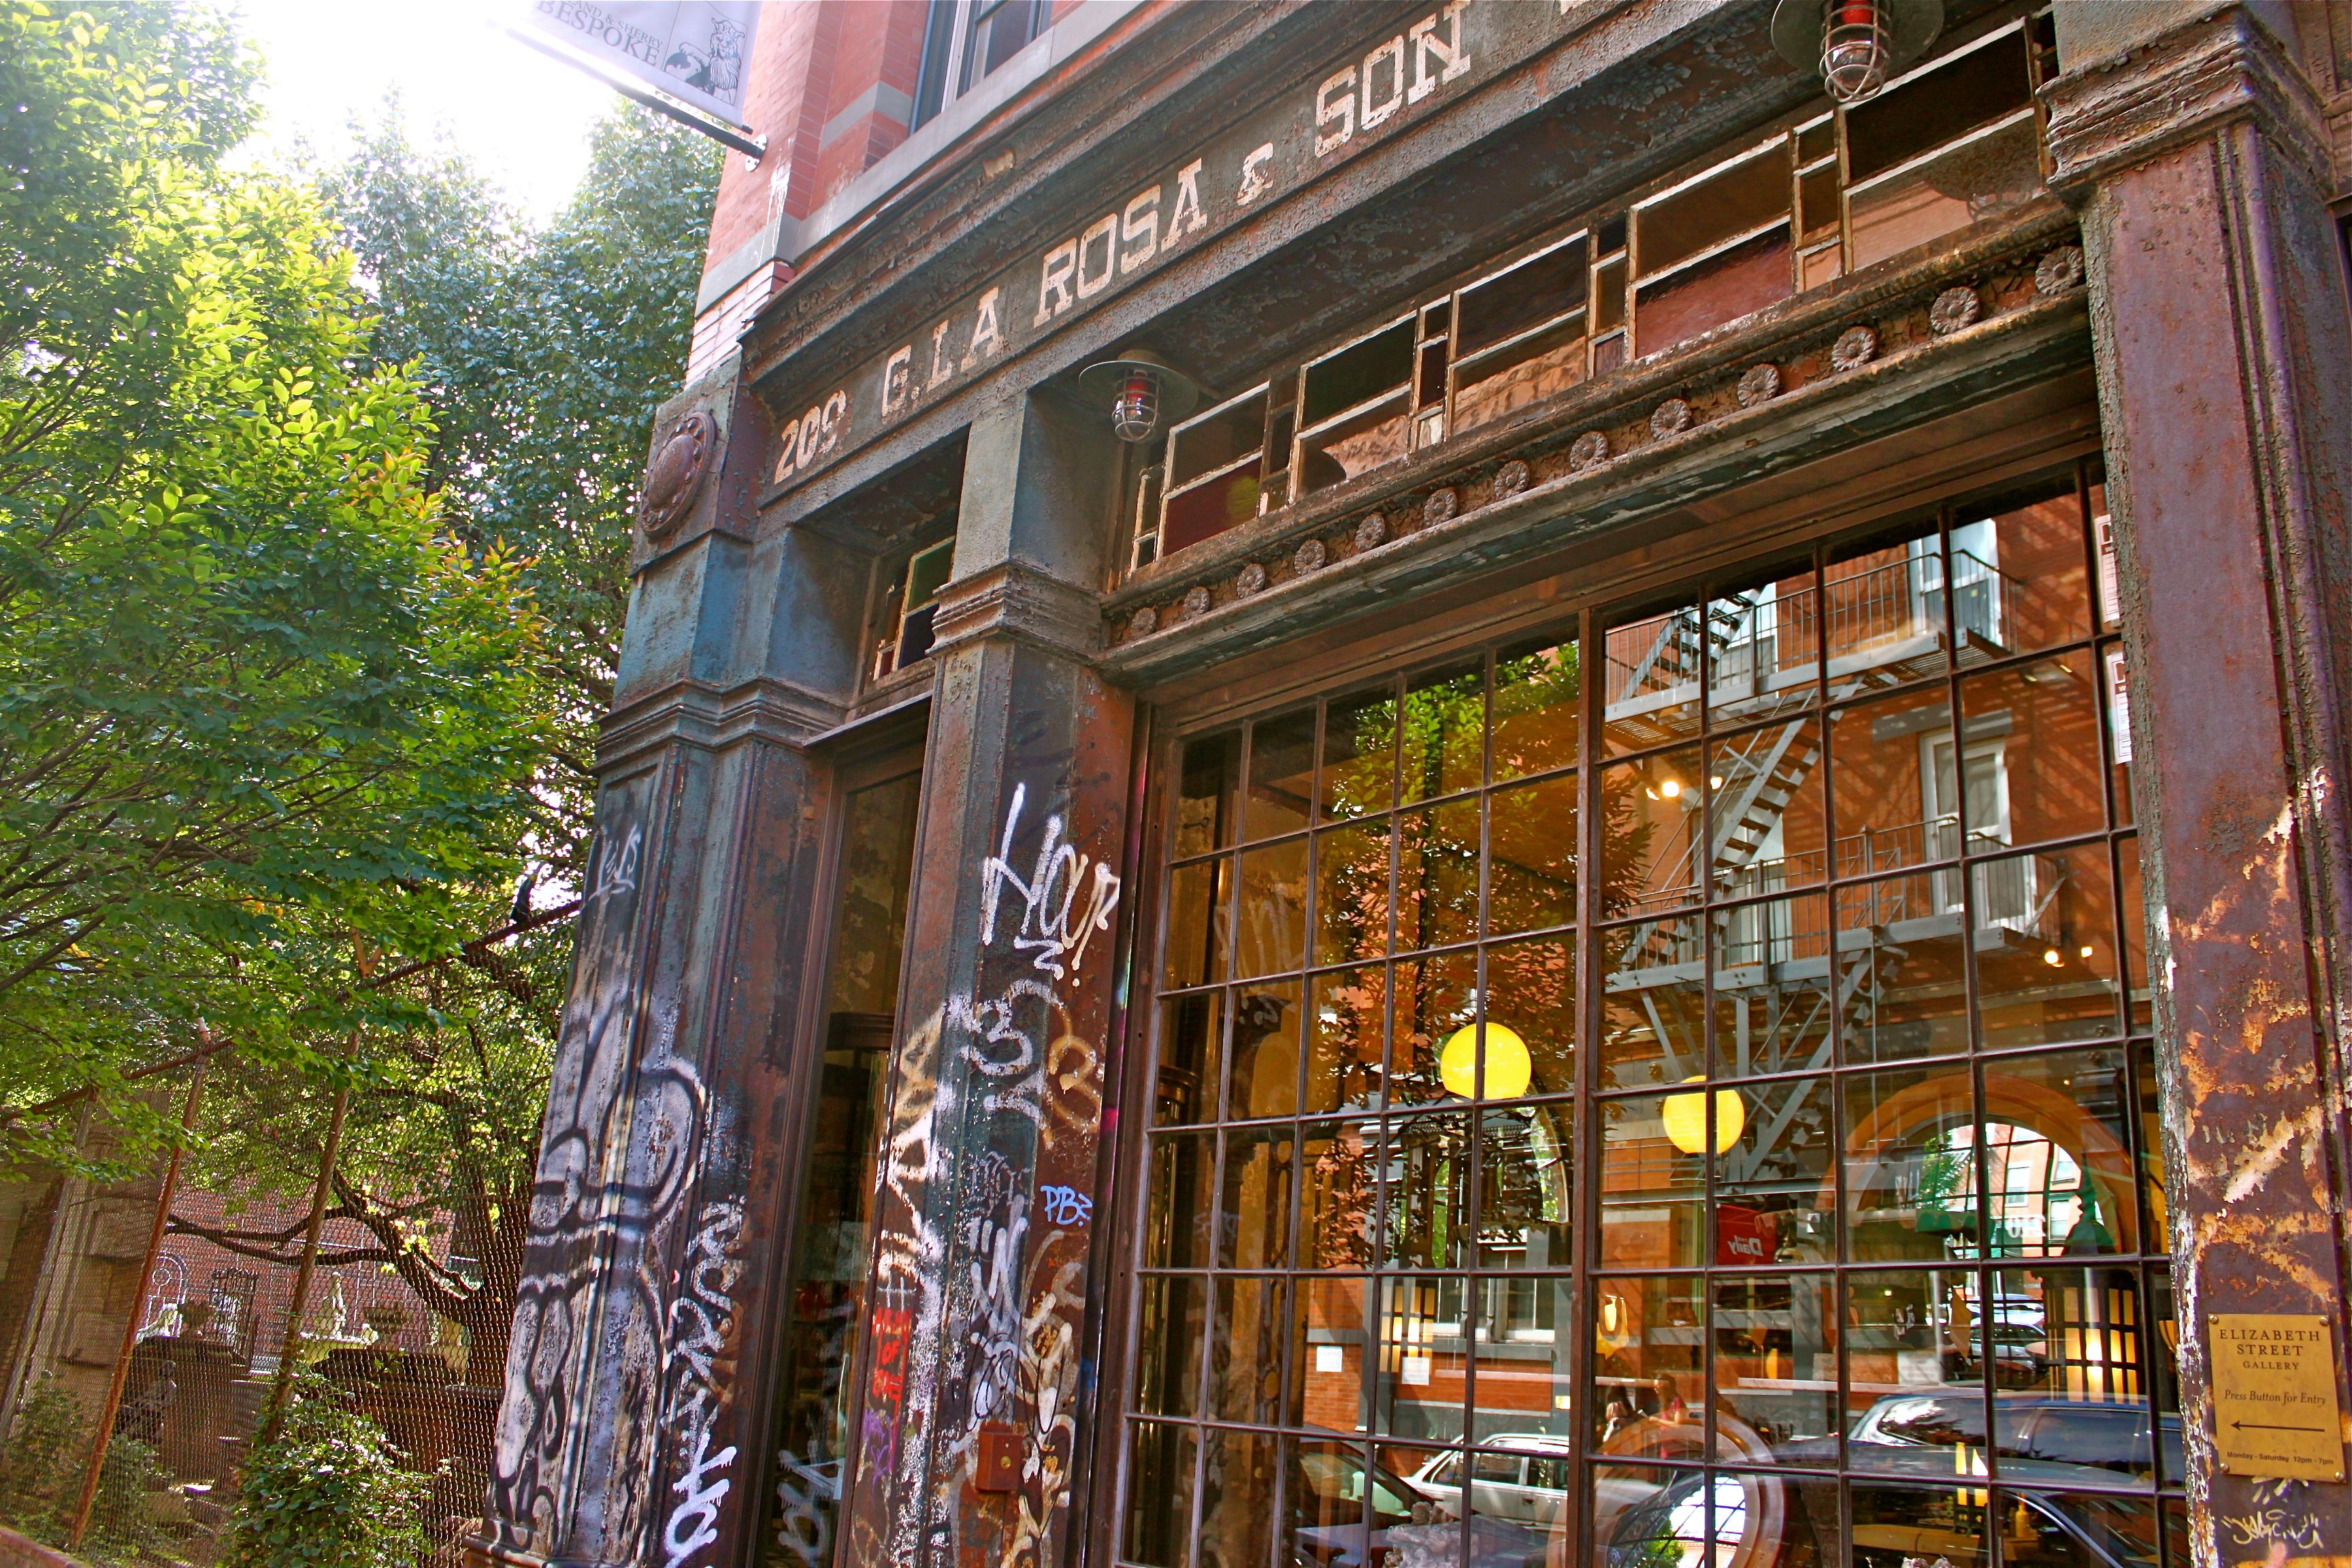 graffiti elizabeth st new york city